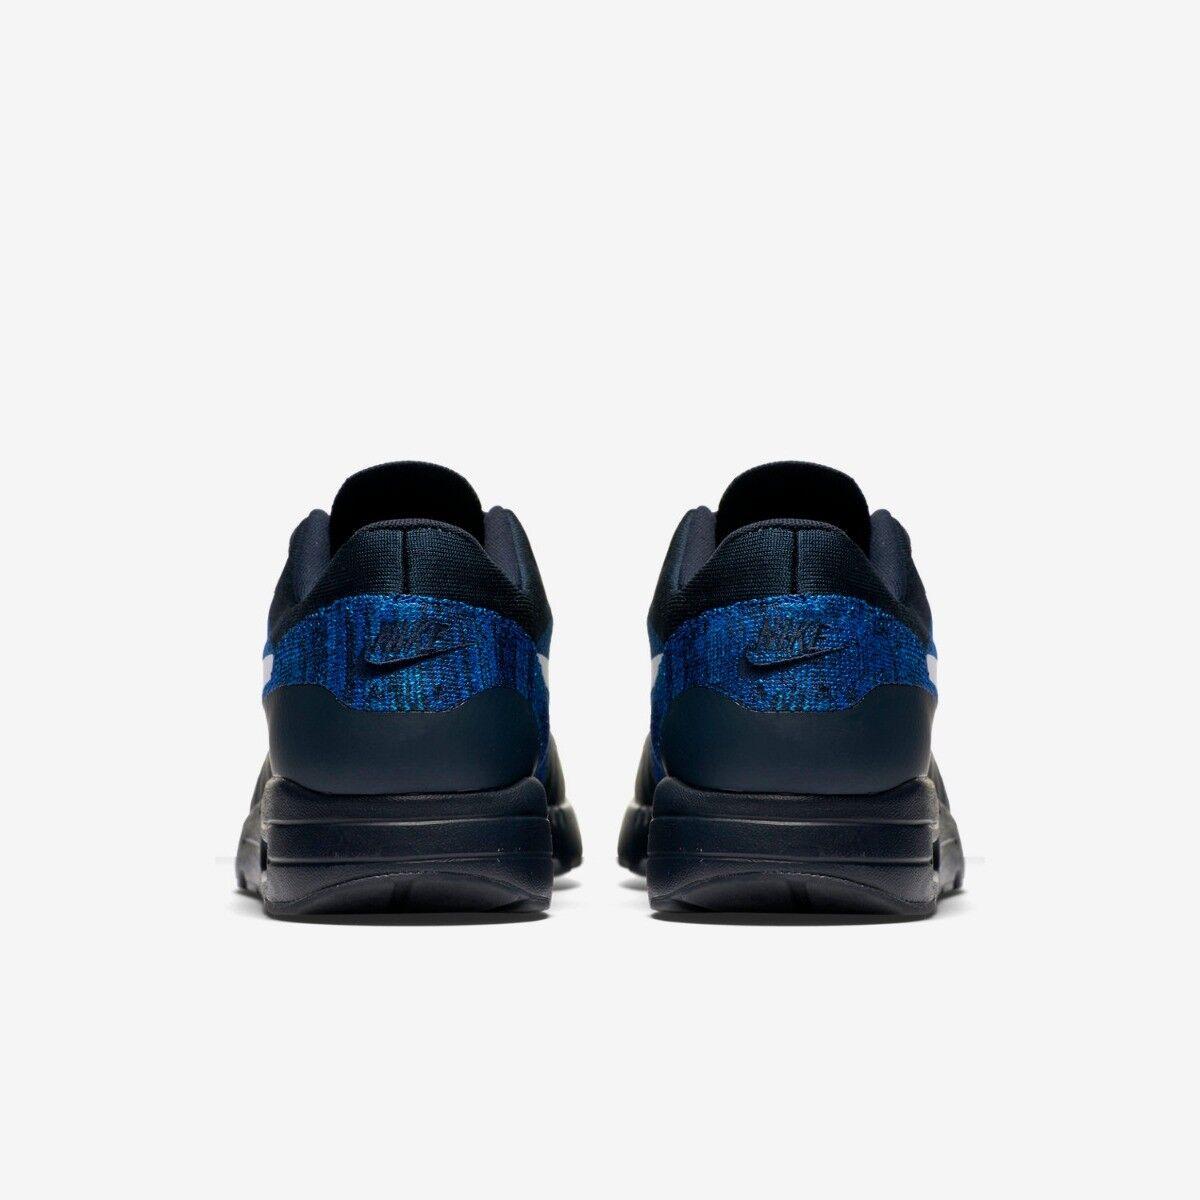 Détails sur Nike Air Max 1 Ultra Flyknit Femmes Taille 5.5 Bleu Noir Run Neuf